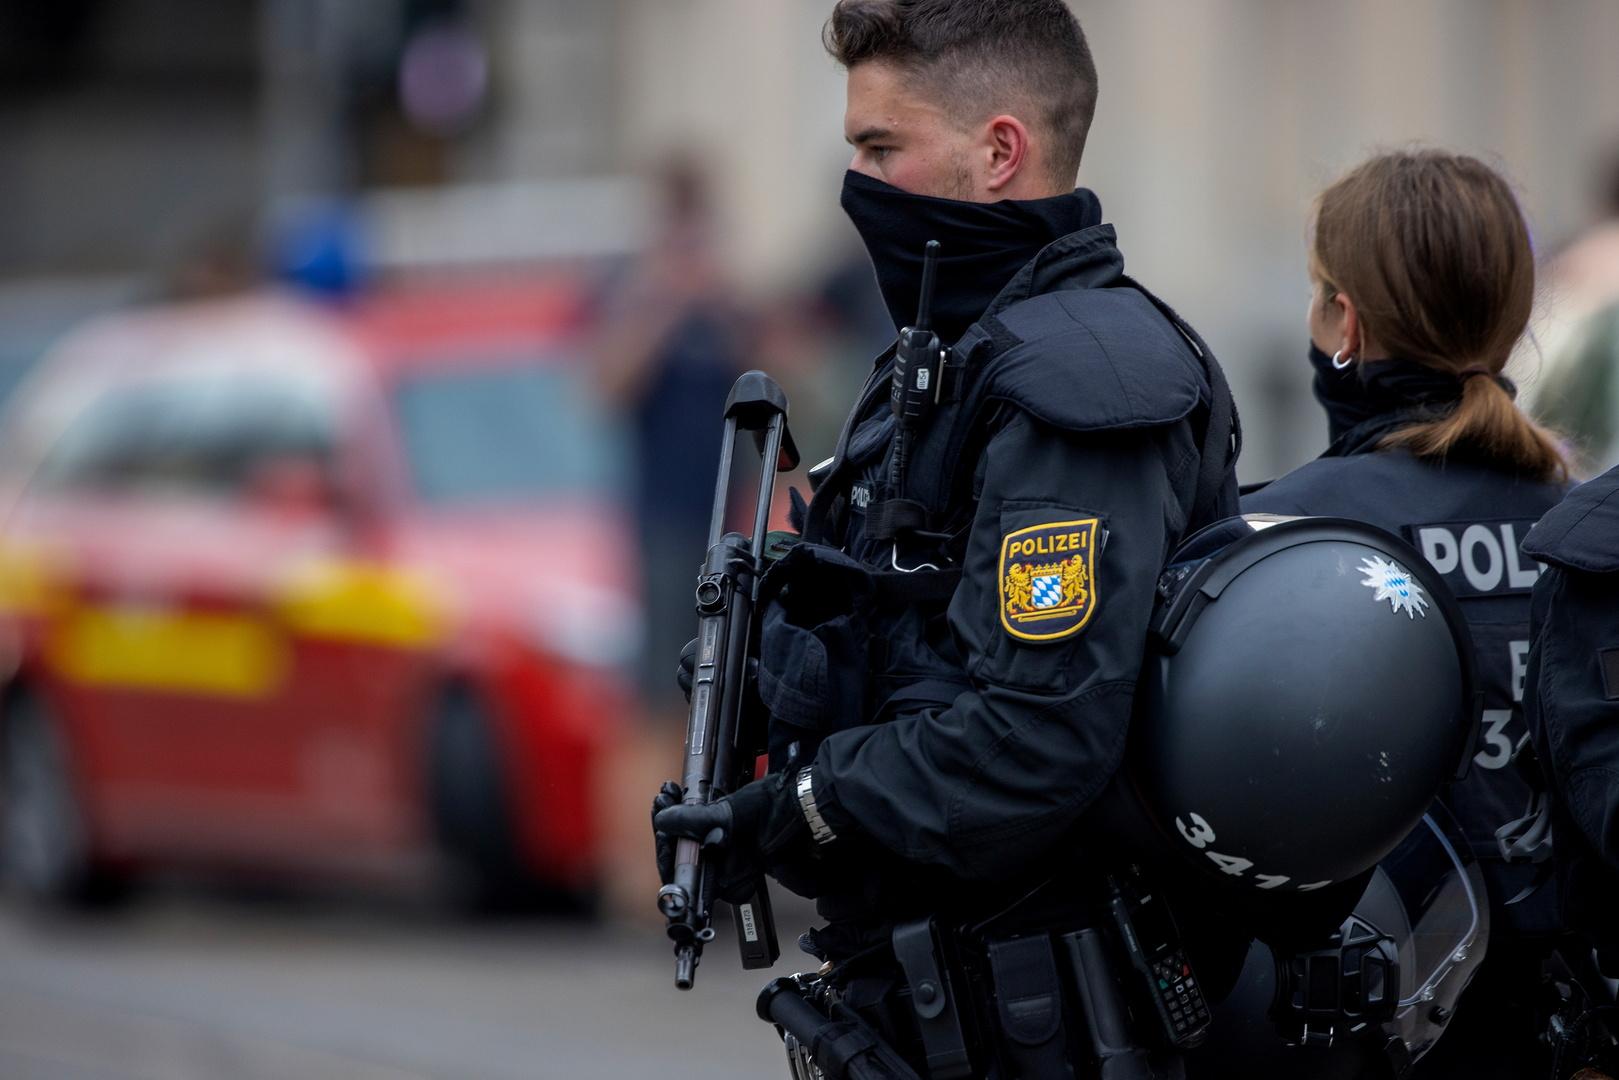 الشرطة الألمانية تعتقل أكثر من 750 متورطا في تجارة المخدرات